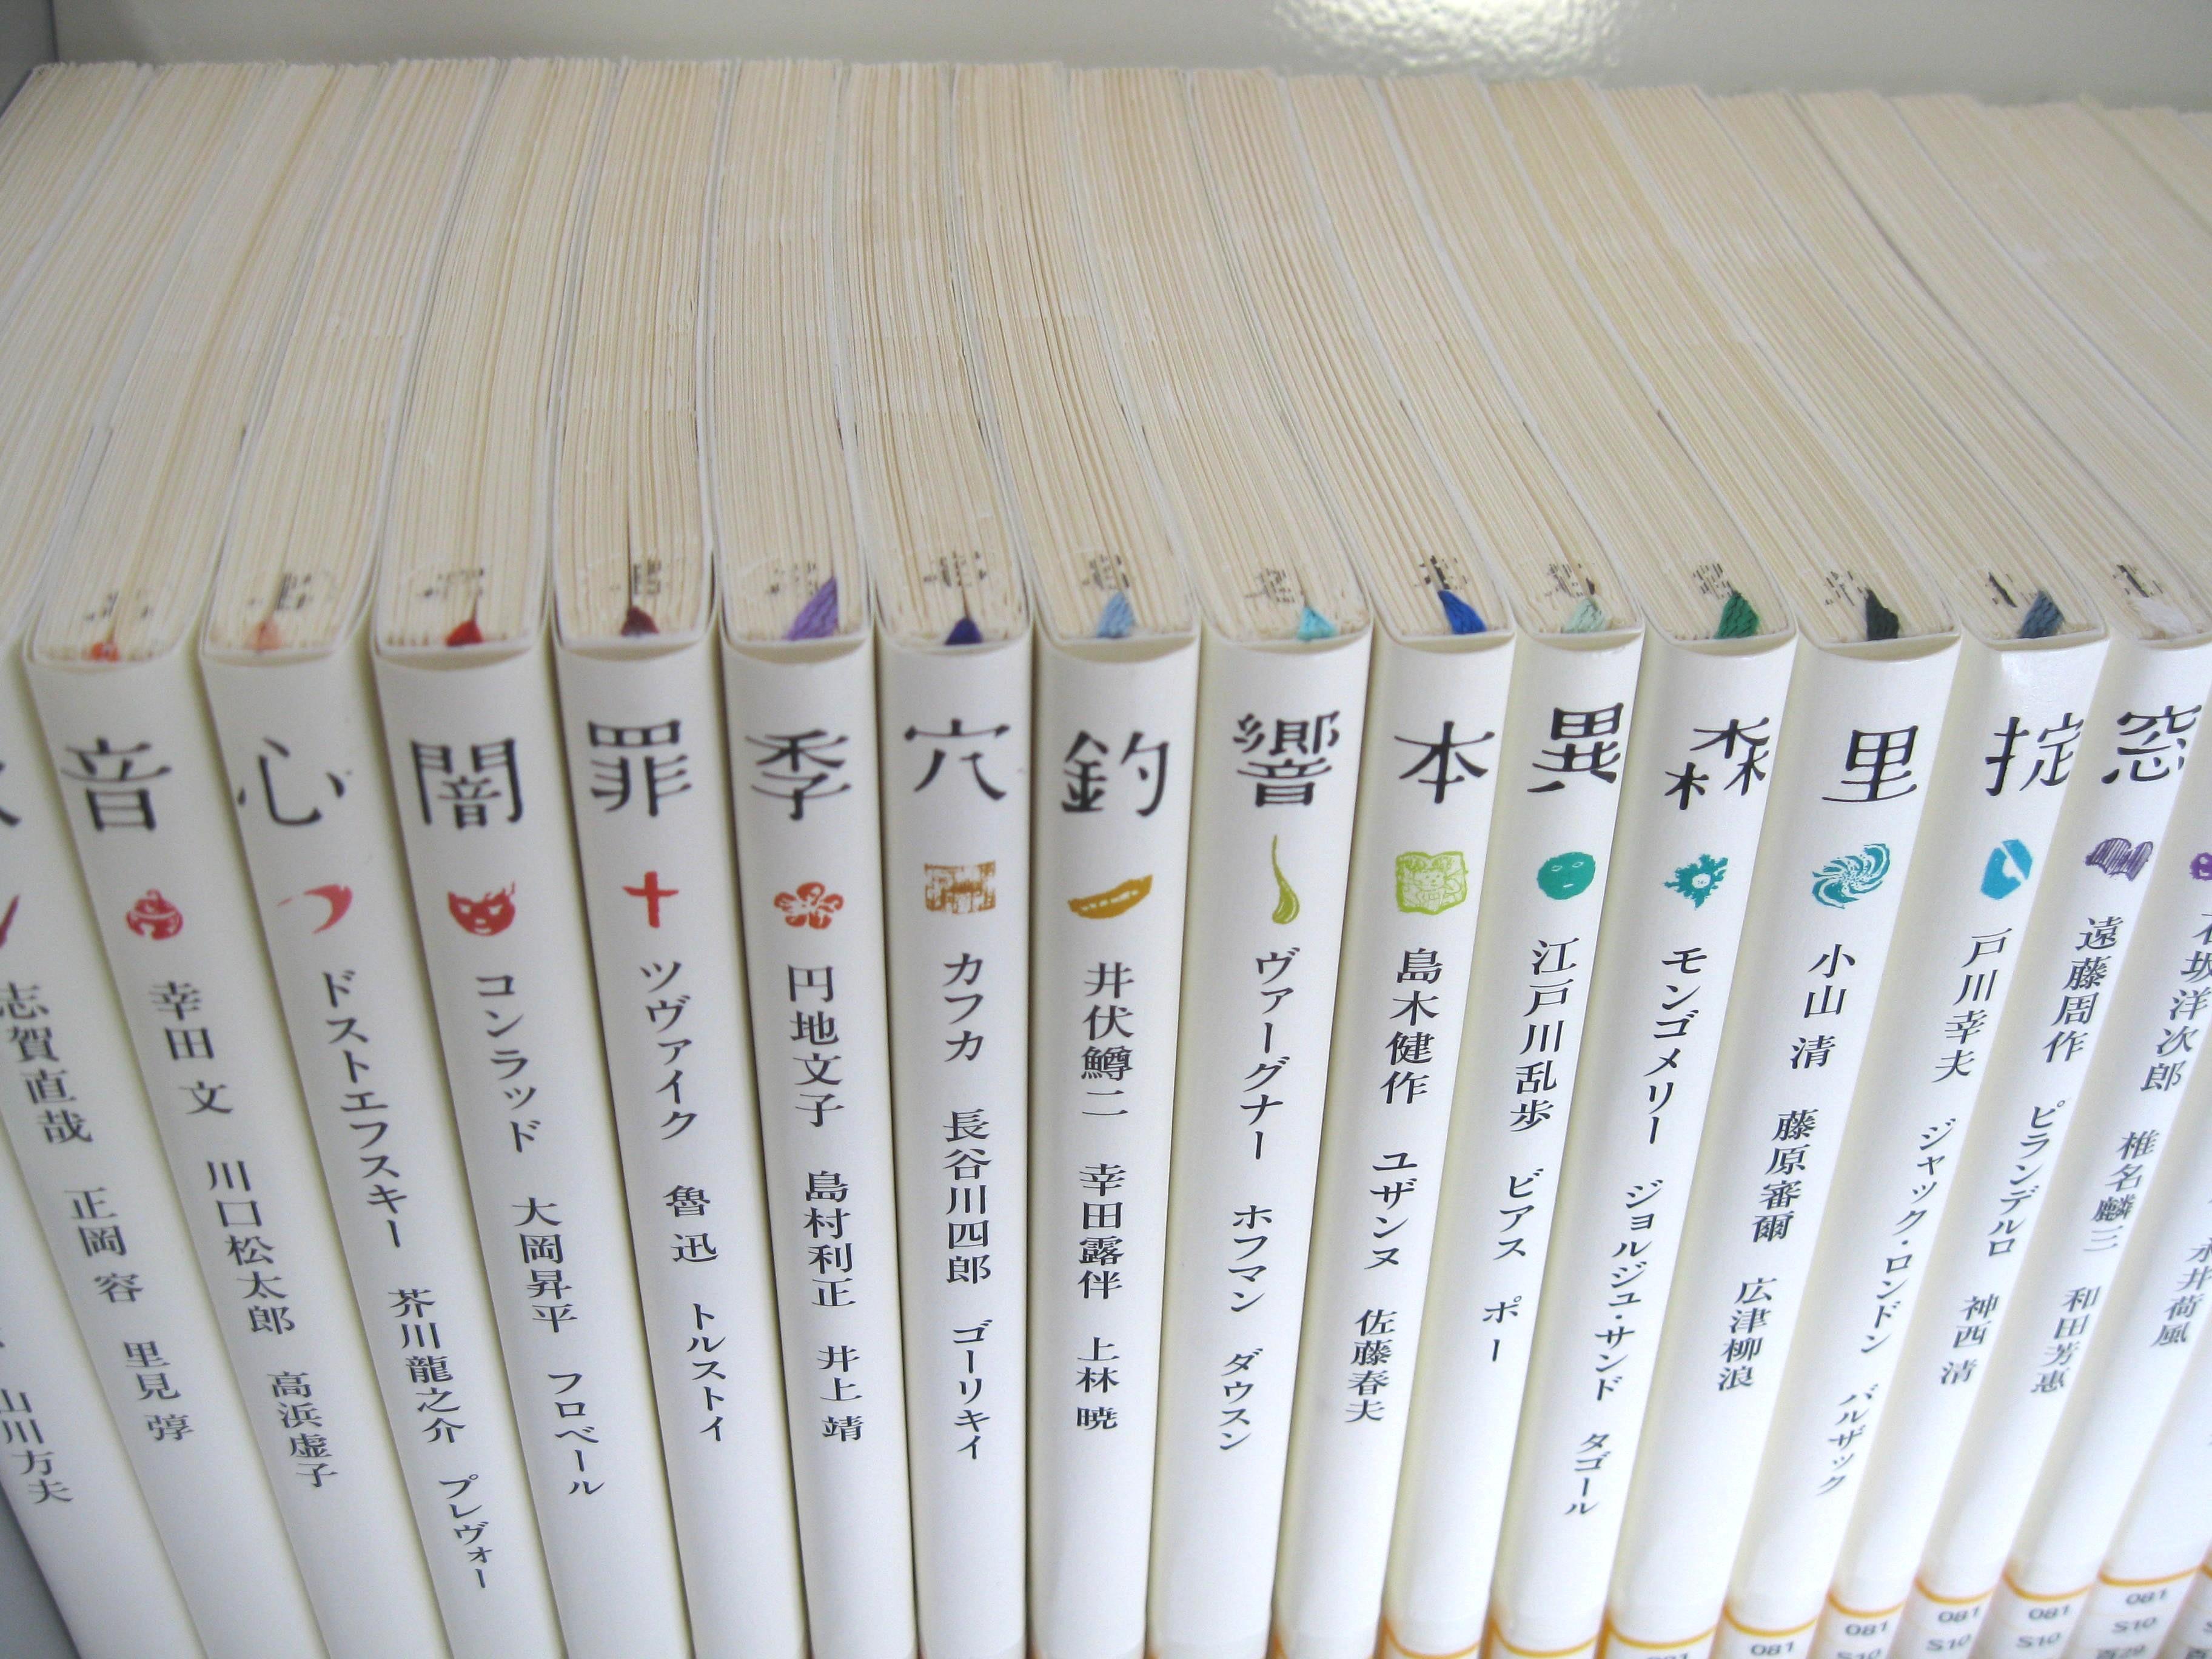 百年文庫 - 名古屋学院大学読書ブログ